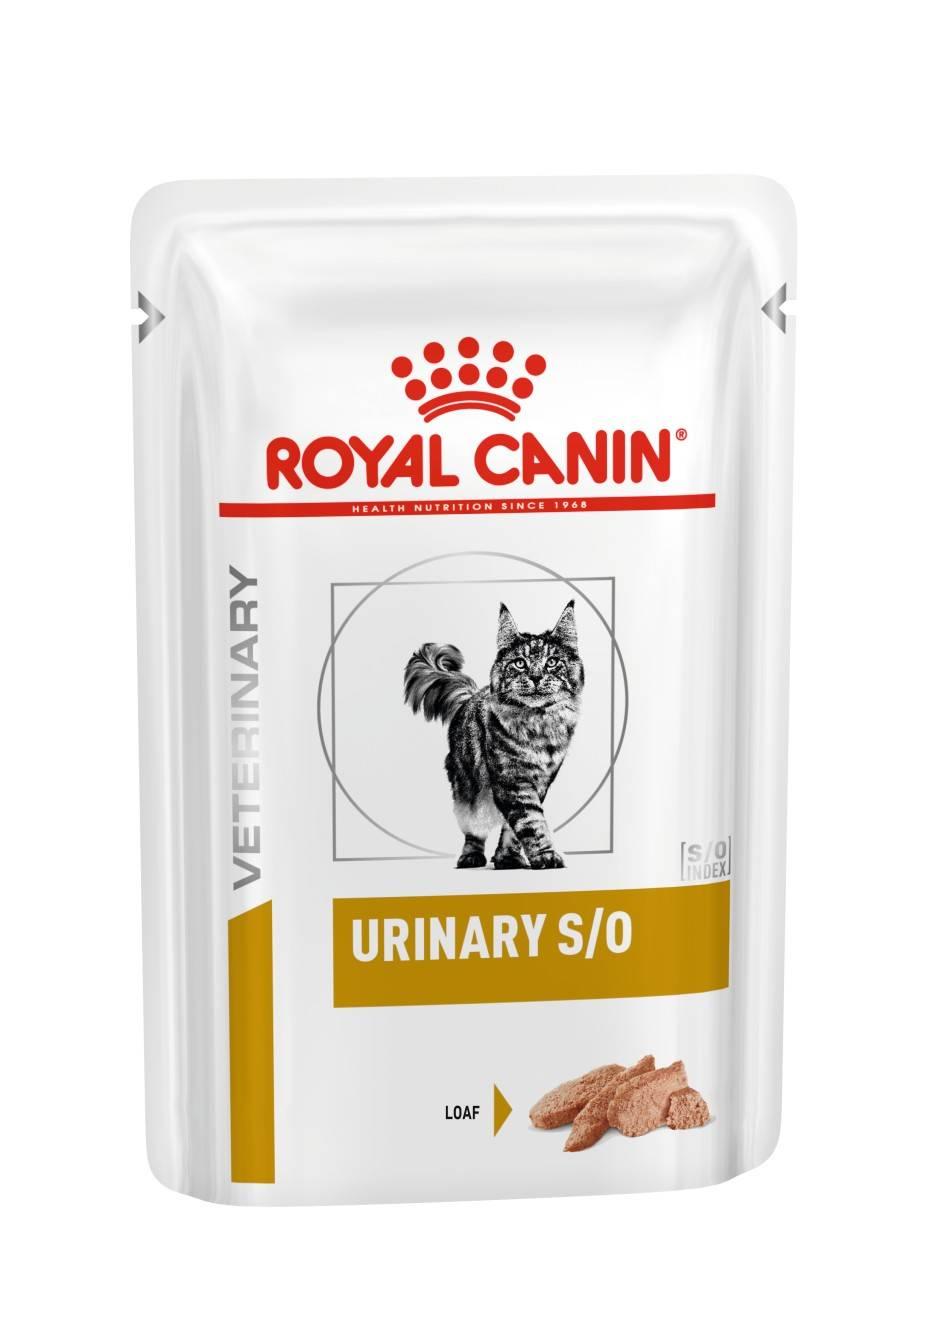 ROYAL CANIN URINARY S/O wet in loaf– лечебный влажный корм, паштет, для взрослых котов при заболеваниях нижних мочевыводящих путей